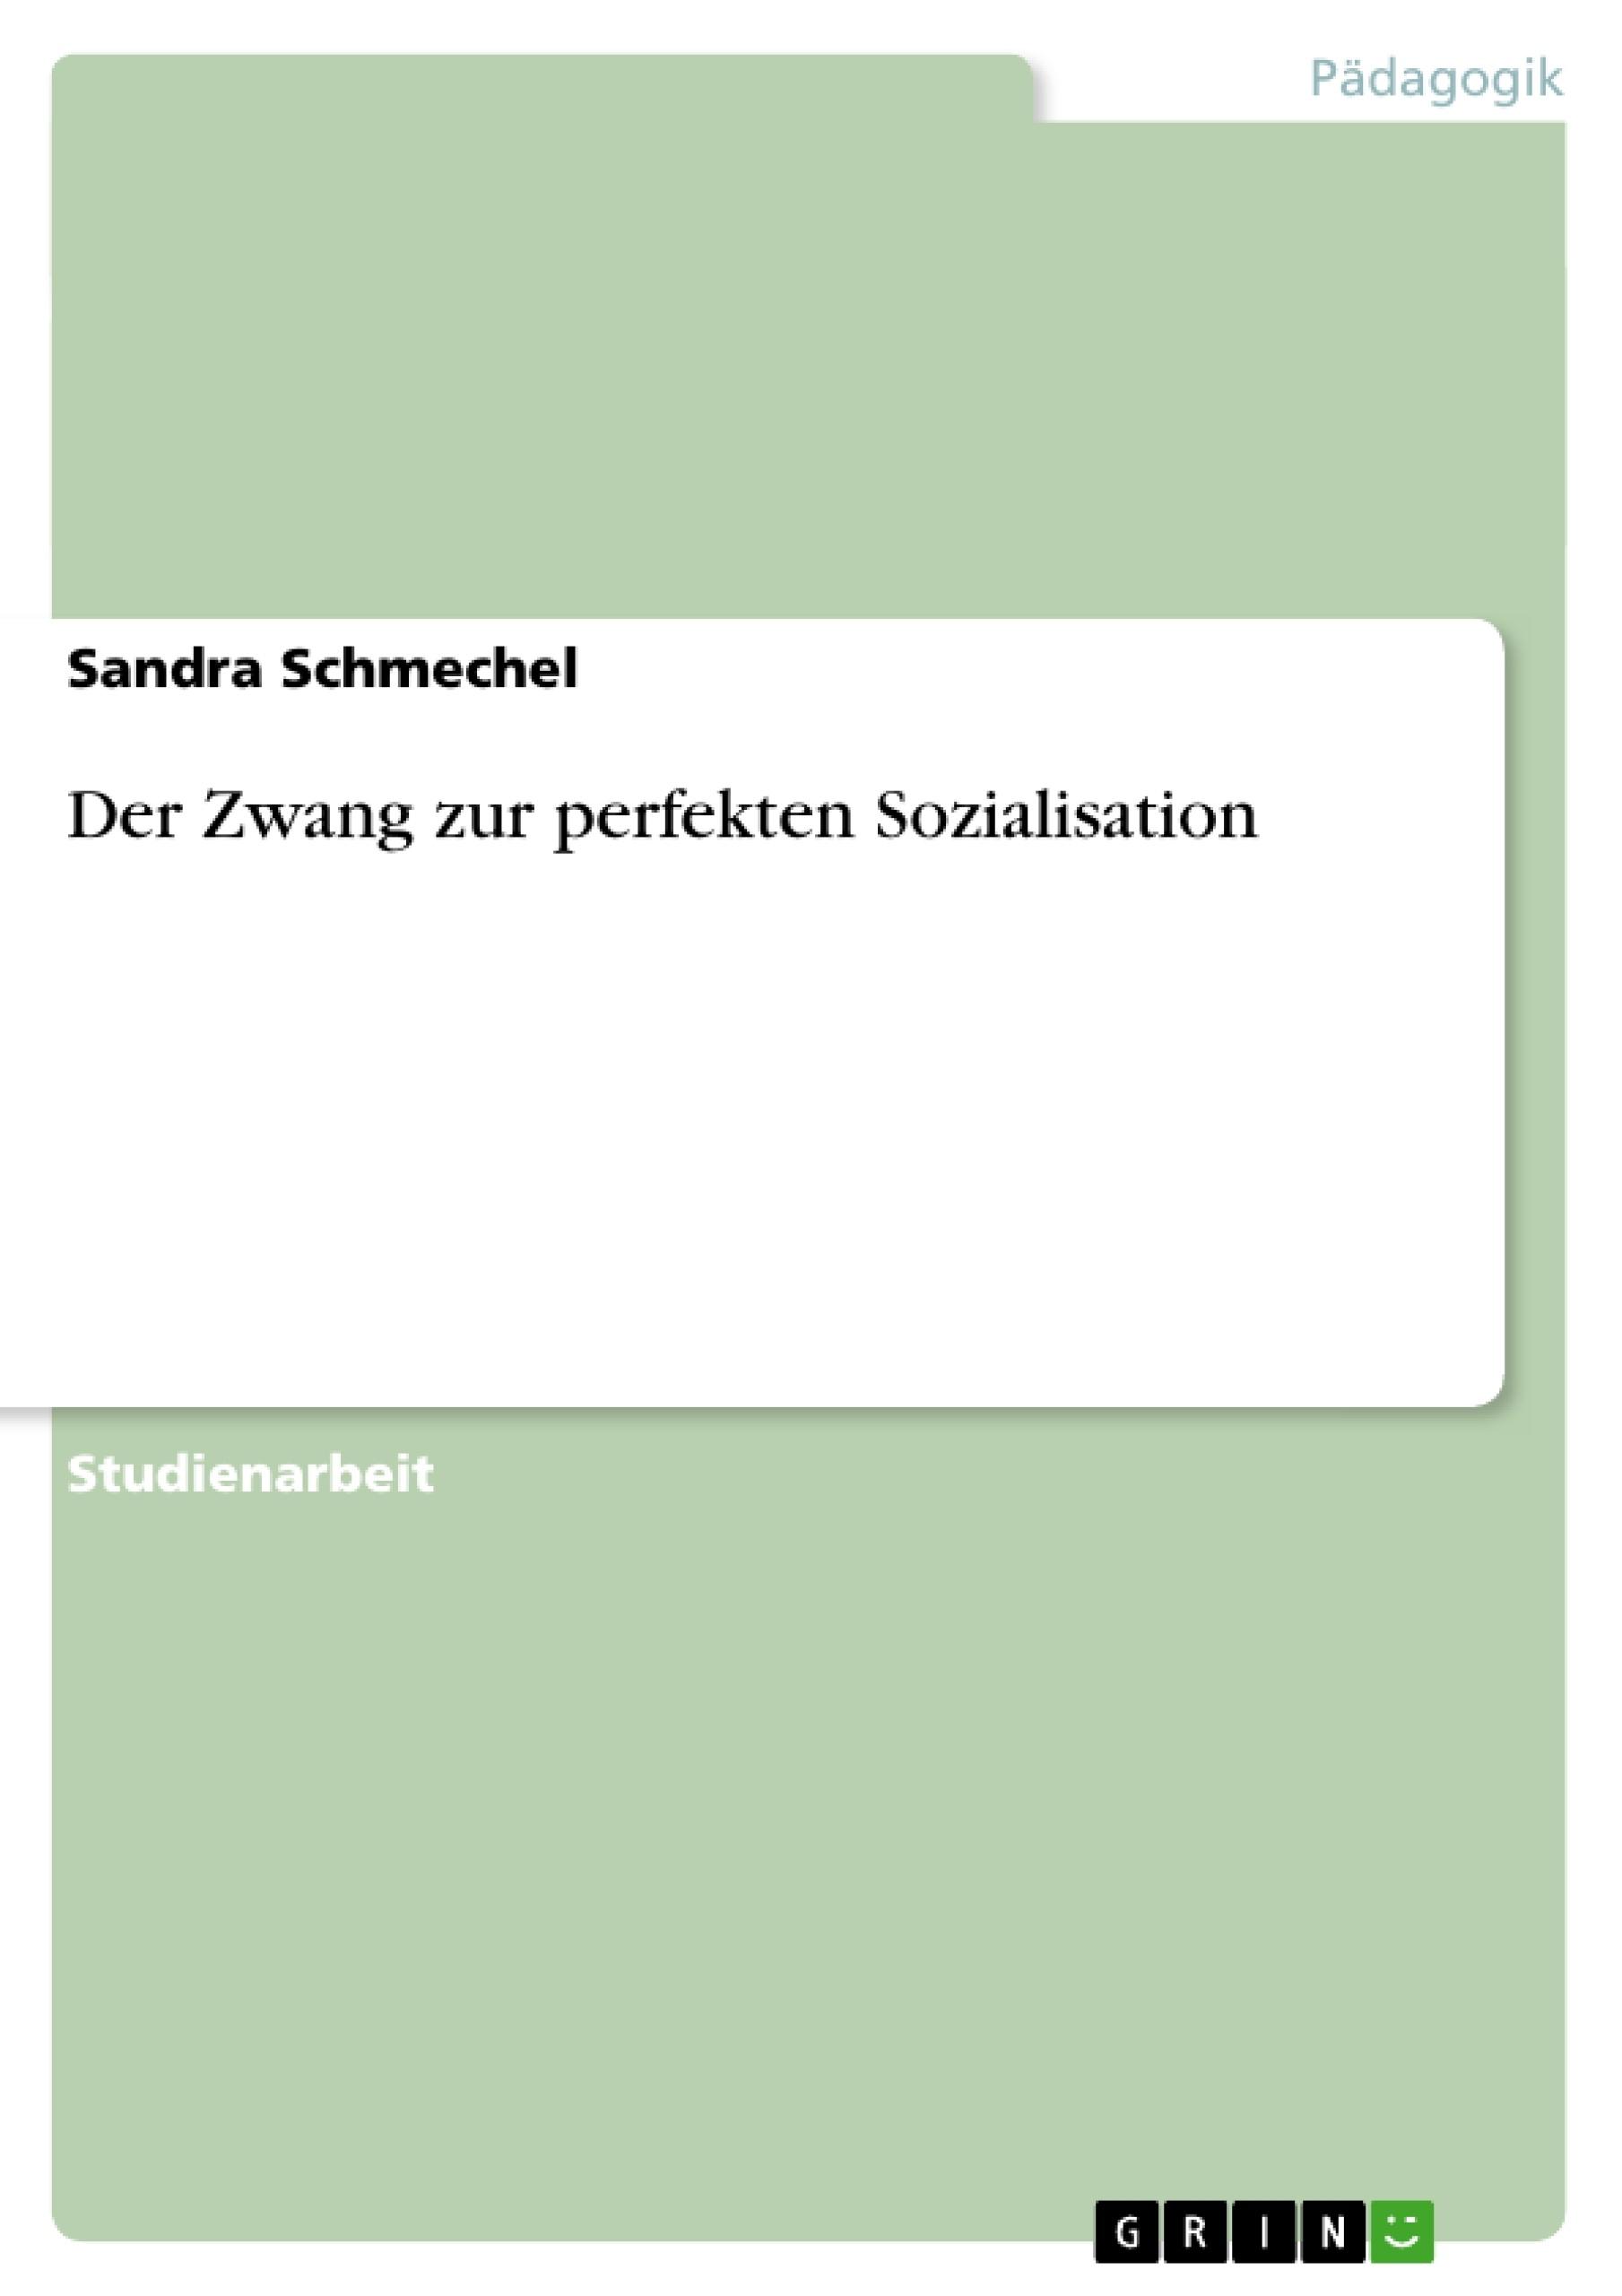 Titel: Der Zwang zur perfekten Sozialisation